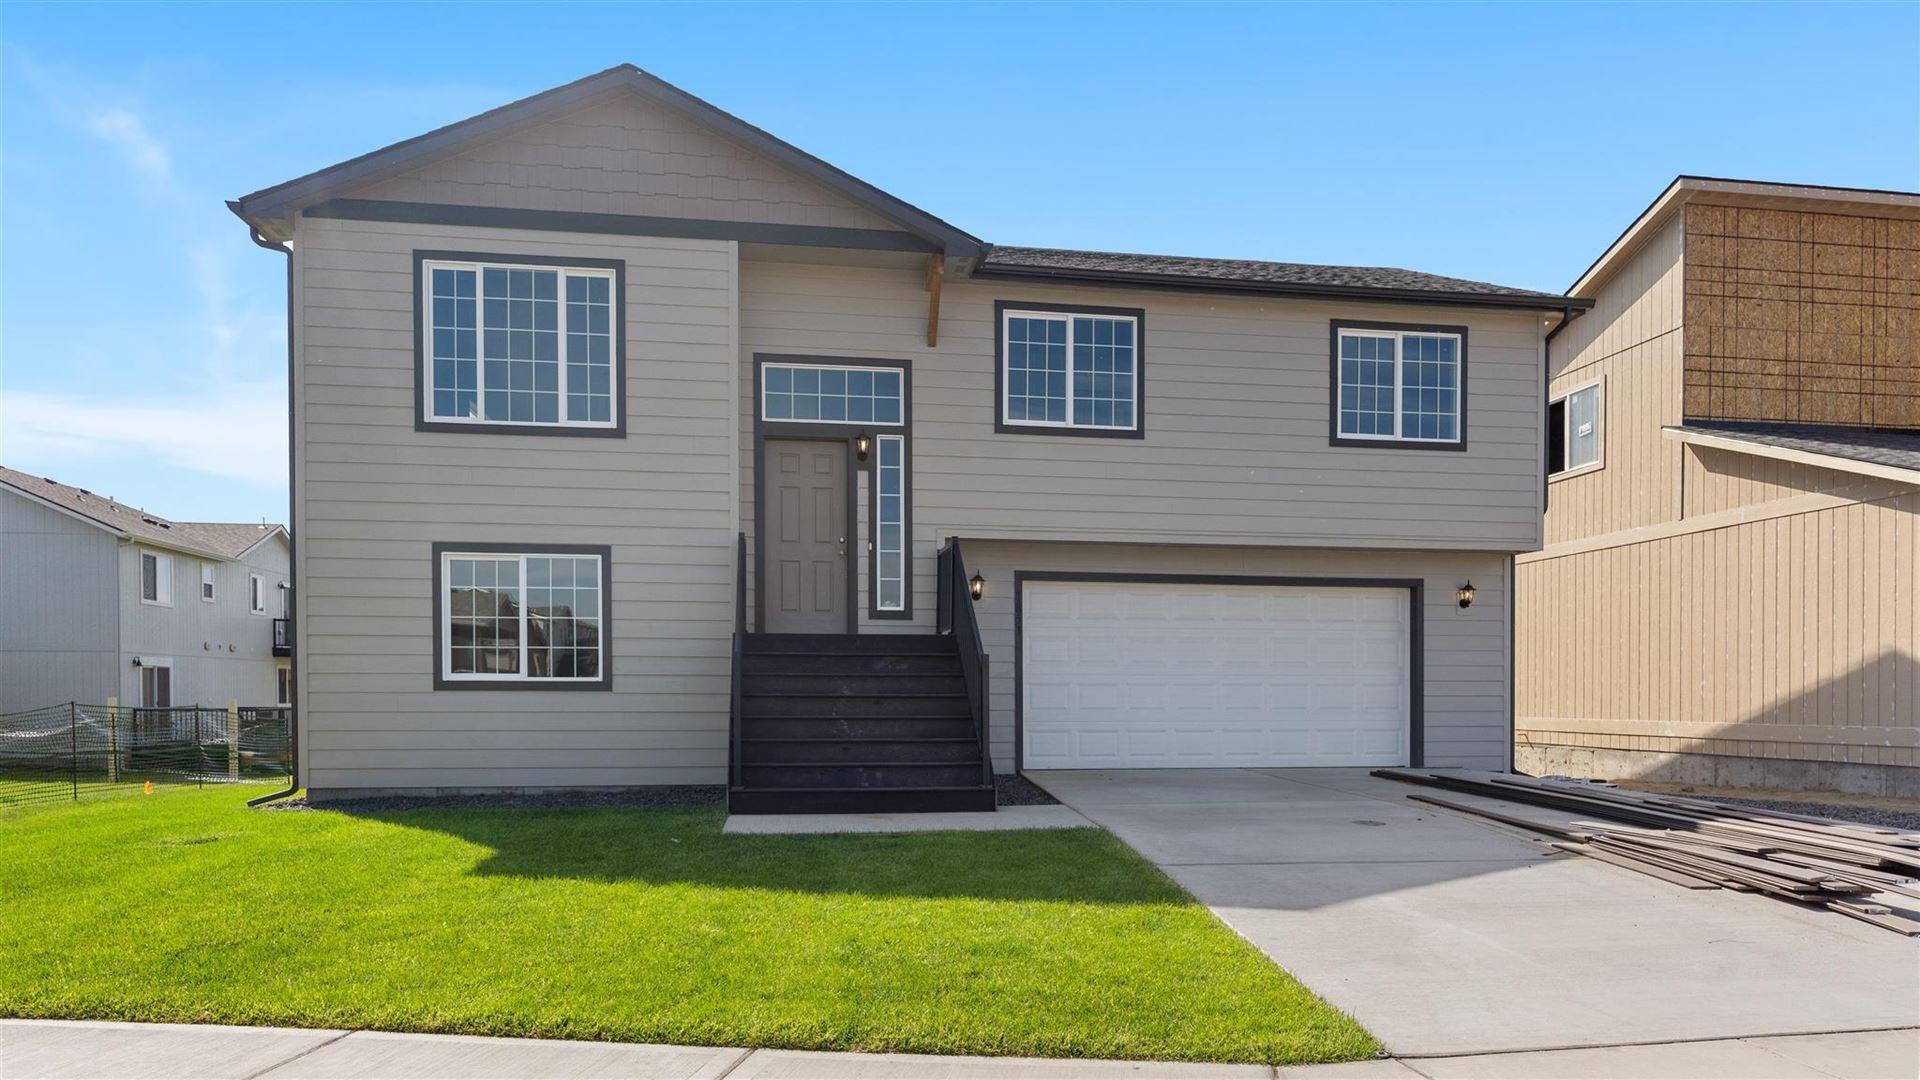 1851 W Lavender Ave, Spokane, WA 99208 - #: 202123051